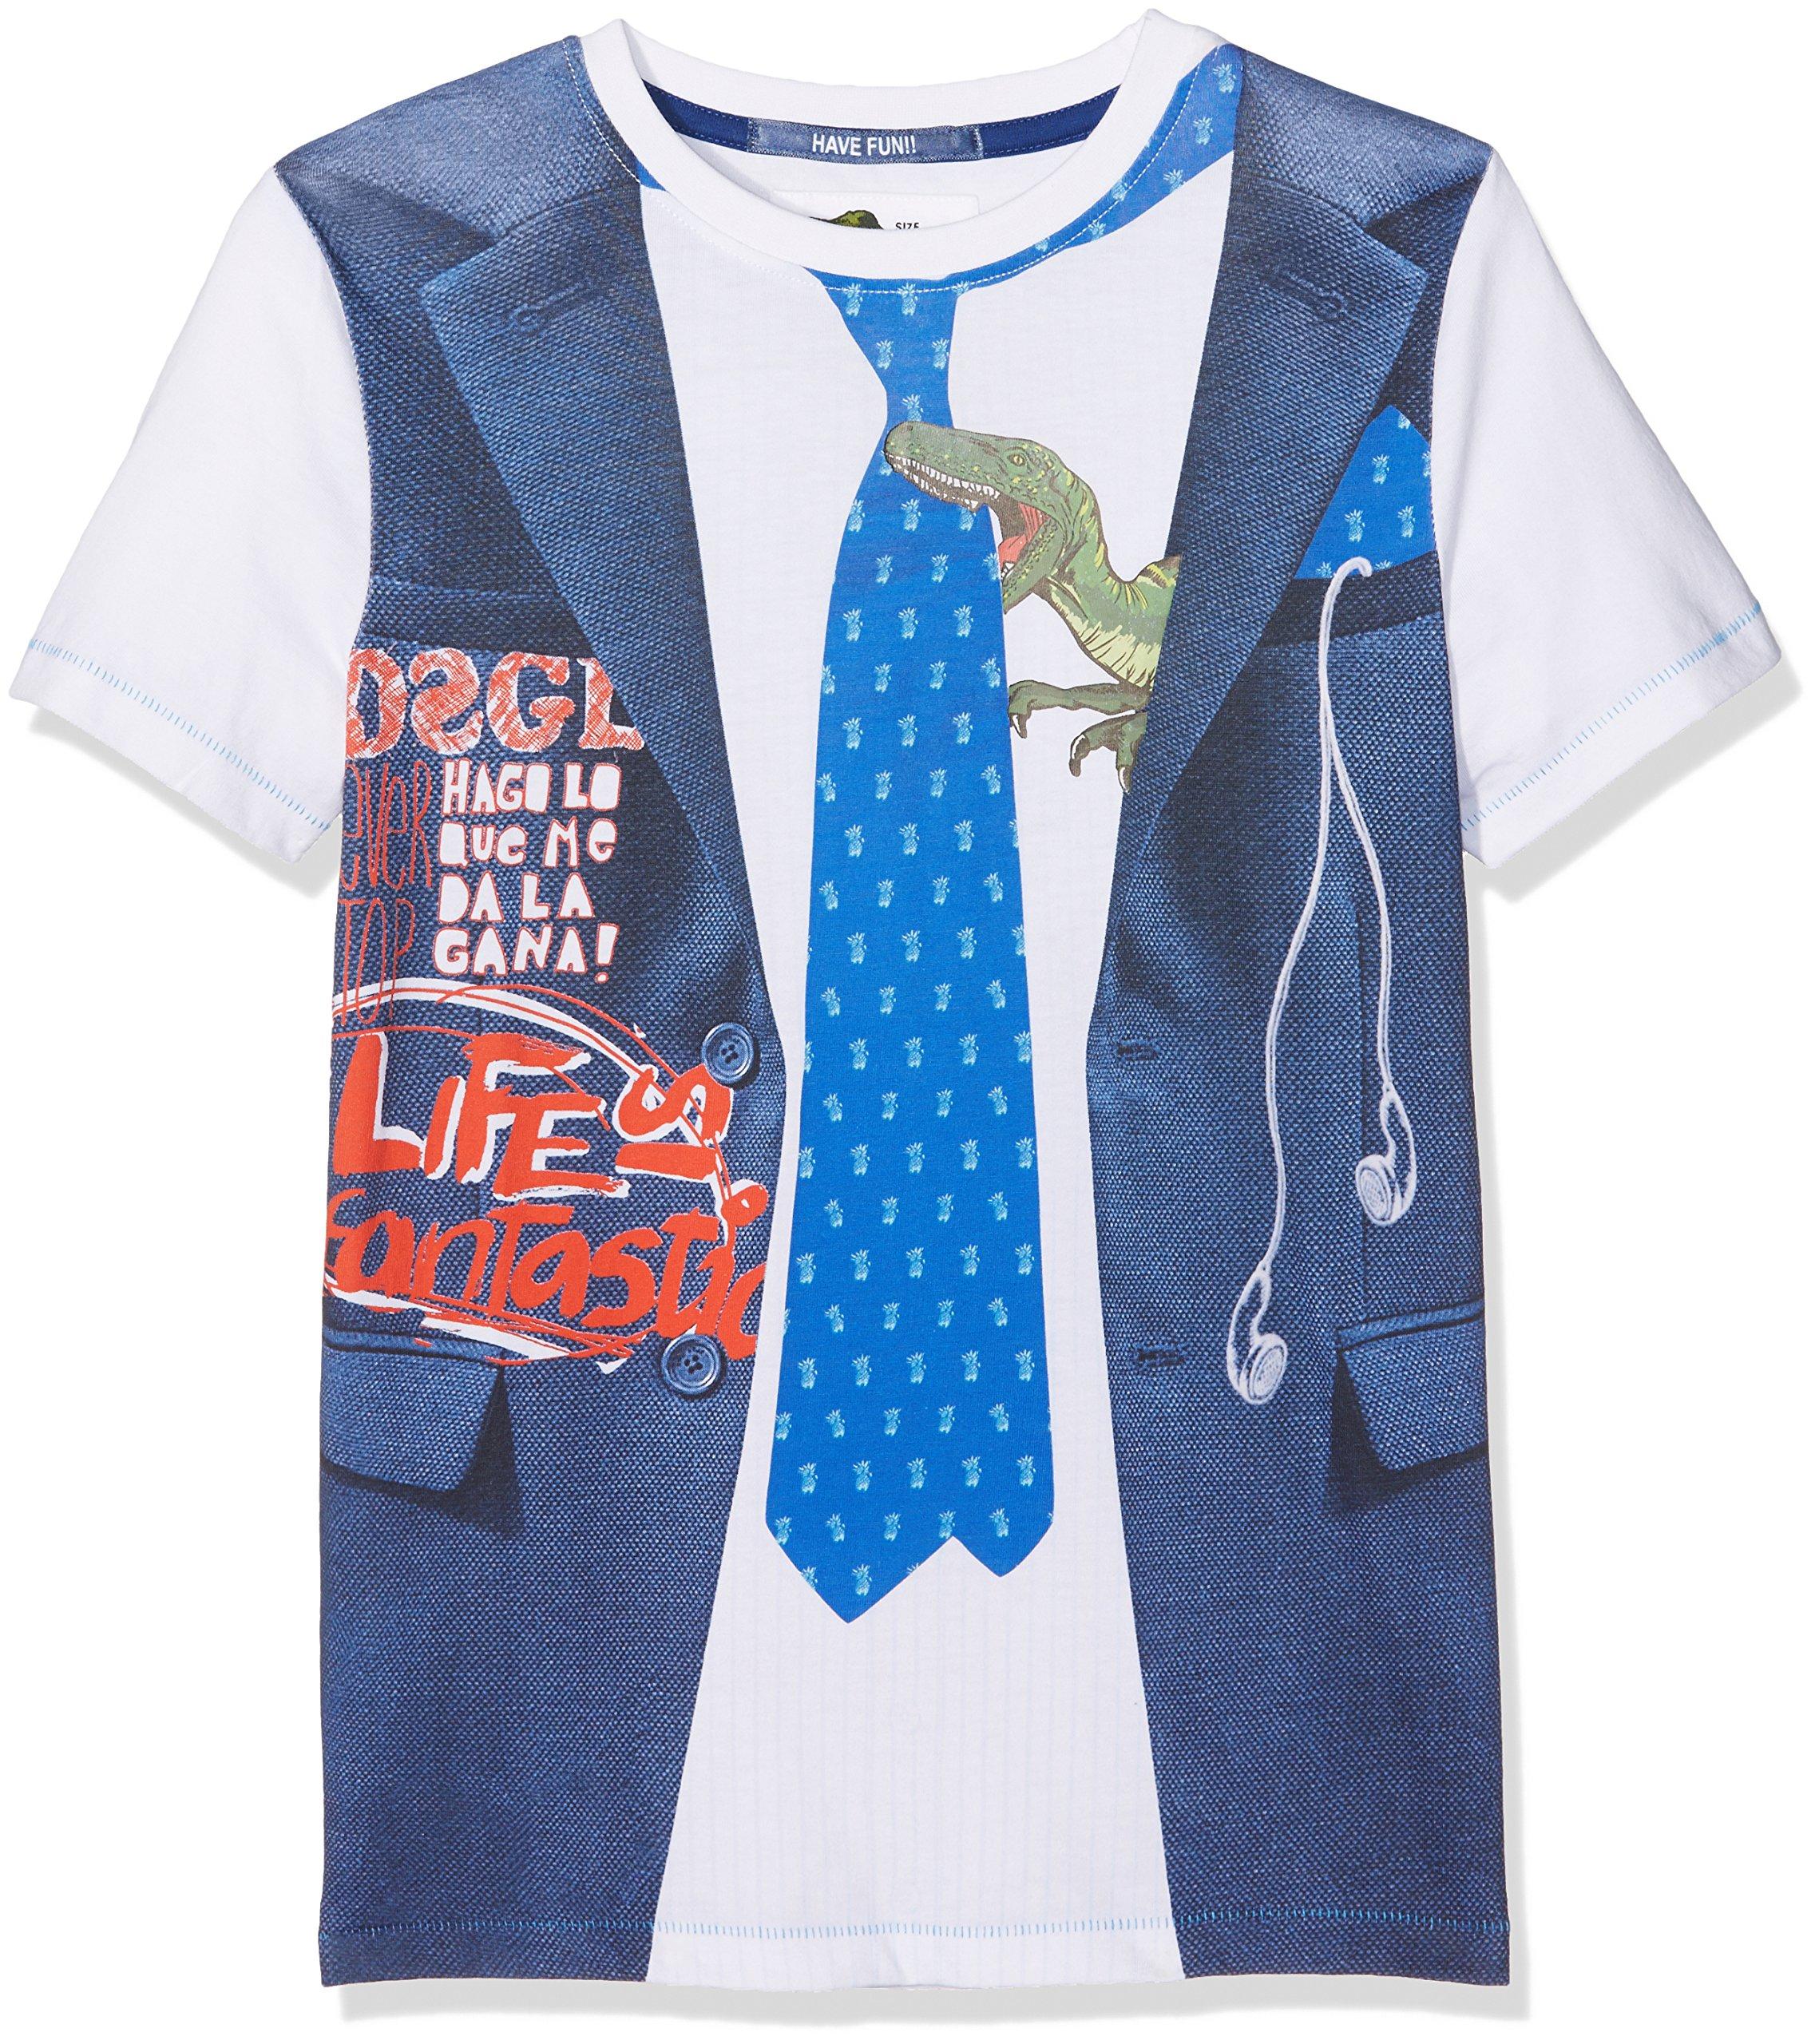 Desigual Boys' T-shirt Diego, Sizes 4-14 (11/12) by Desigual